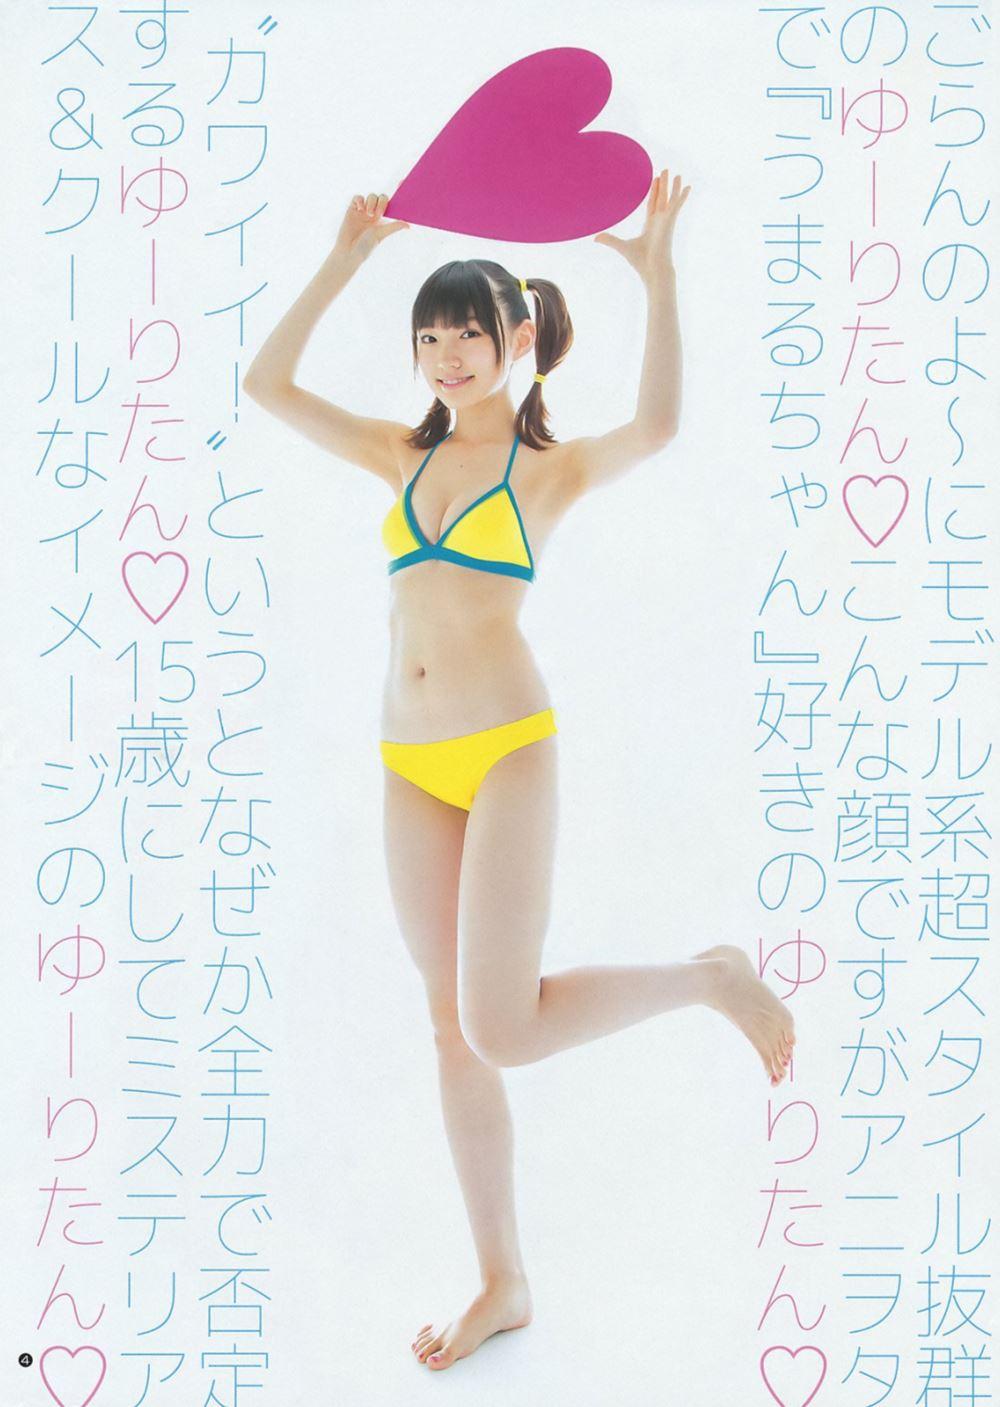 太田夢莉 1万年に1人 可愛い アイドル 水着 画像 42